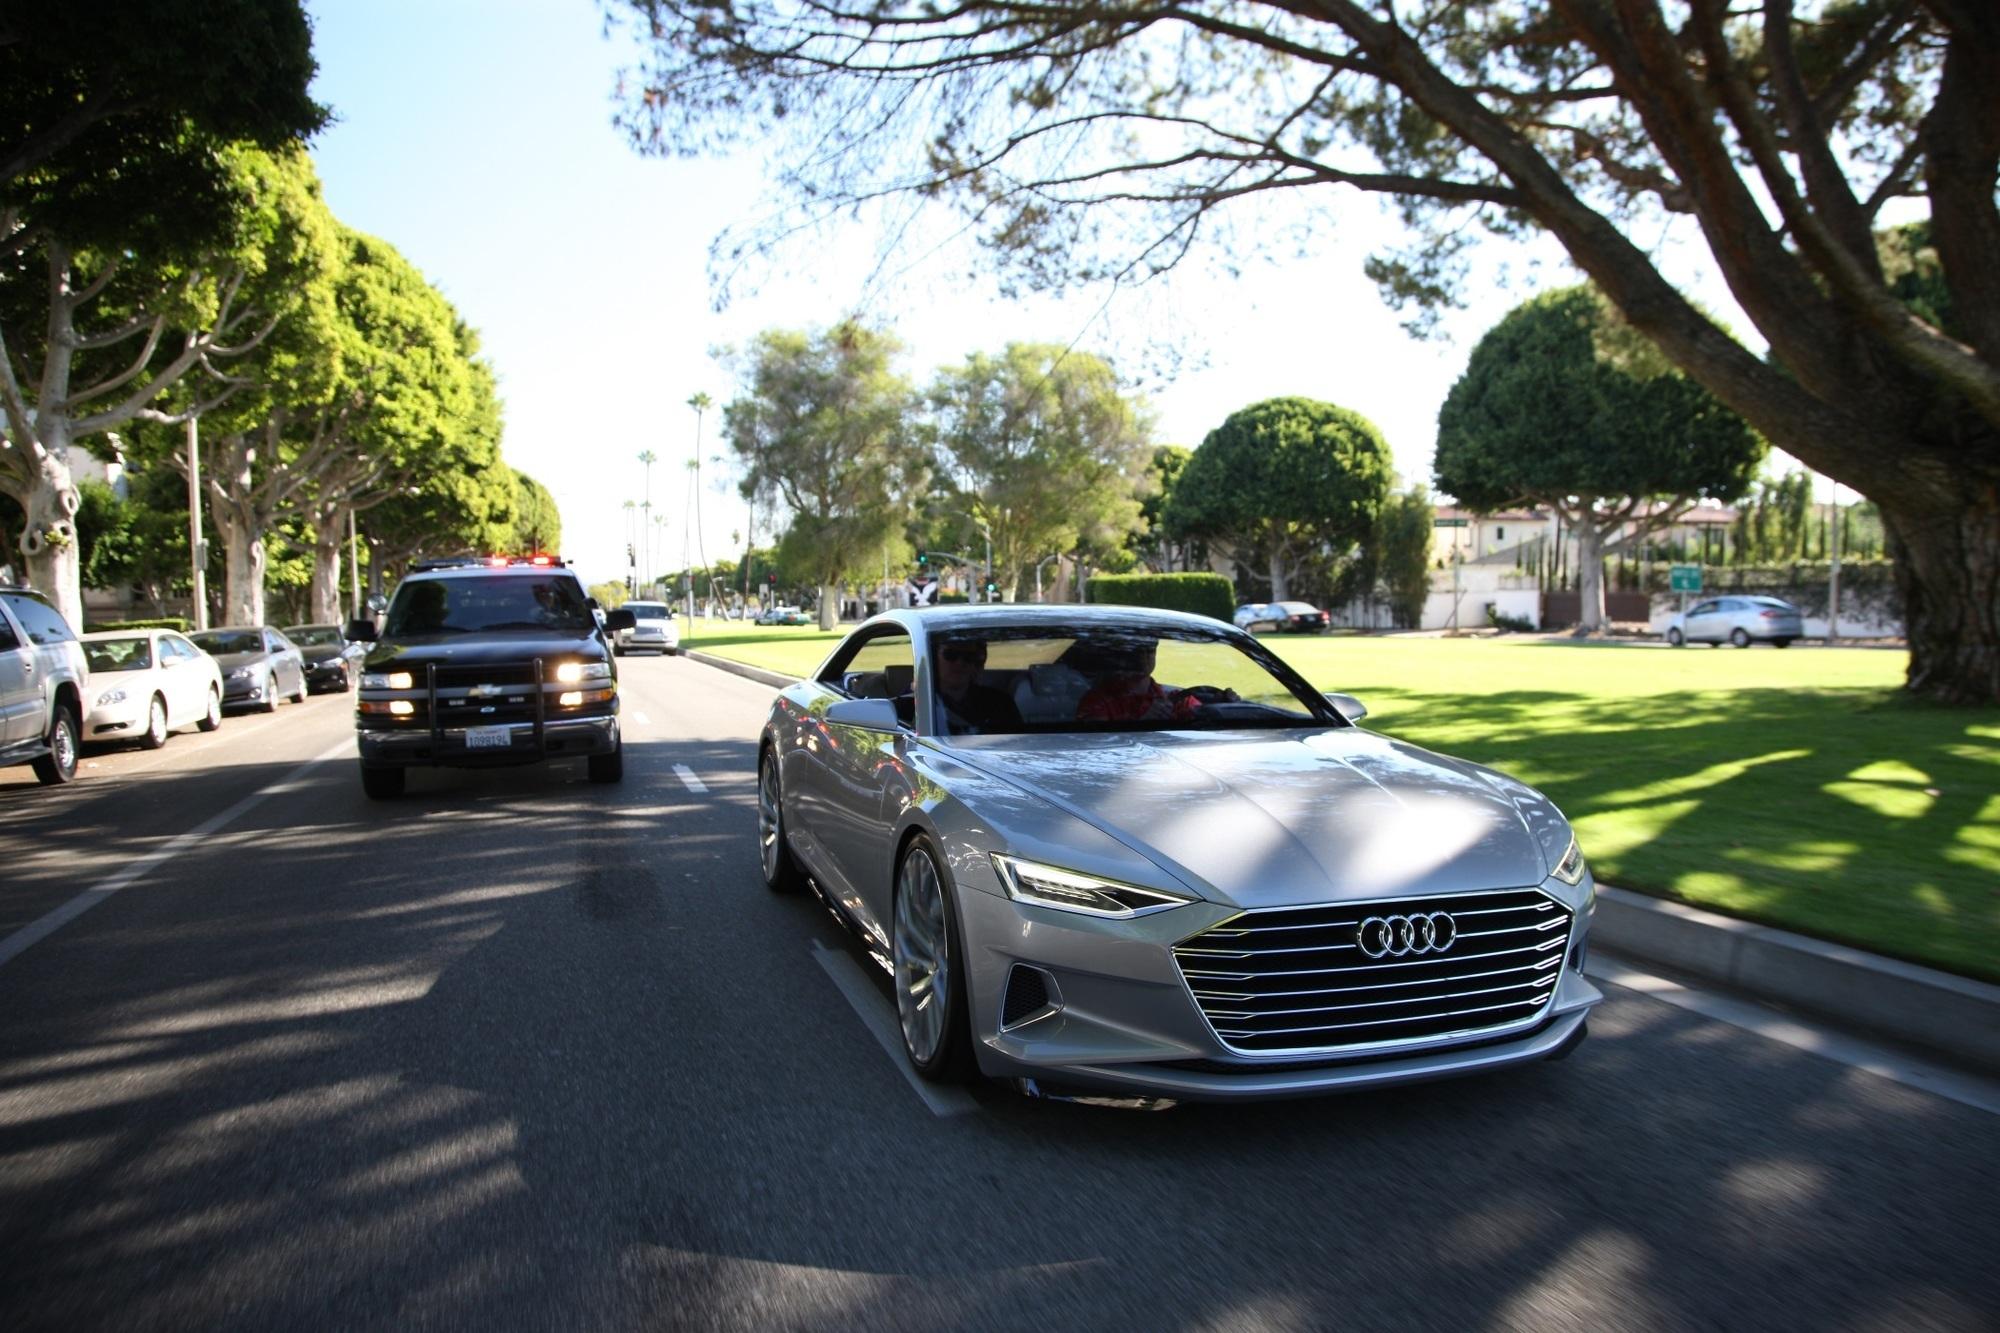 Audi Prologue - Vorspiel in den Straßen von Hollywood